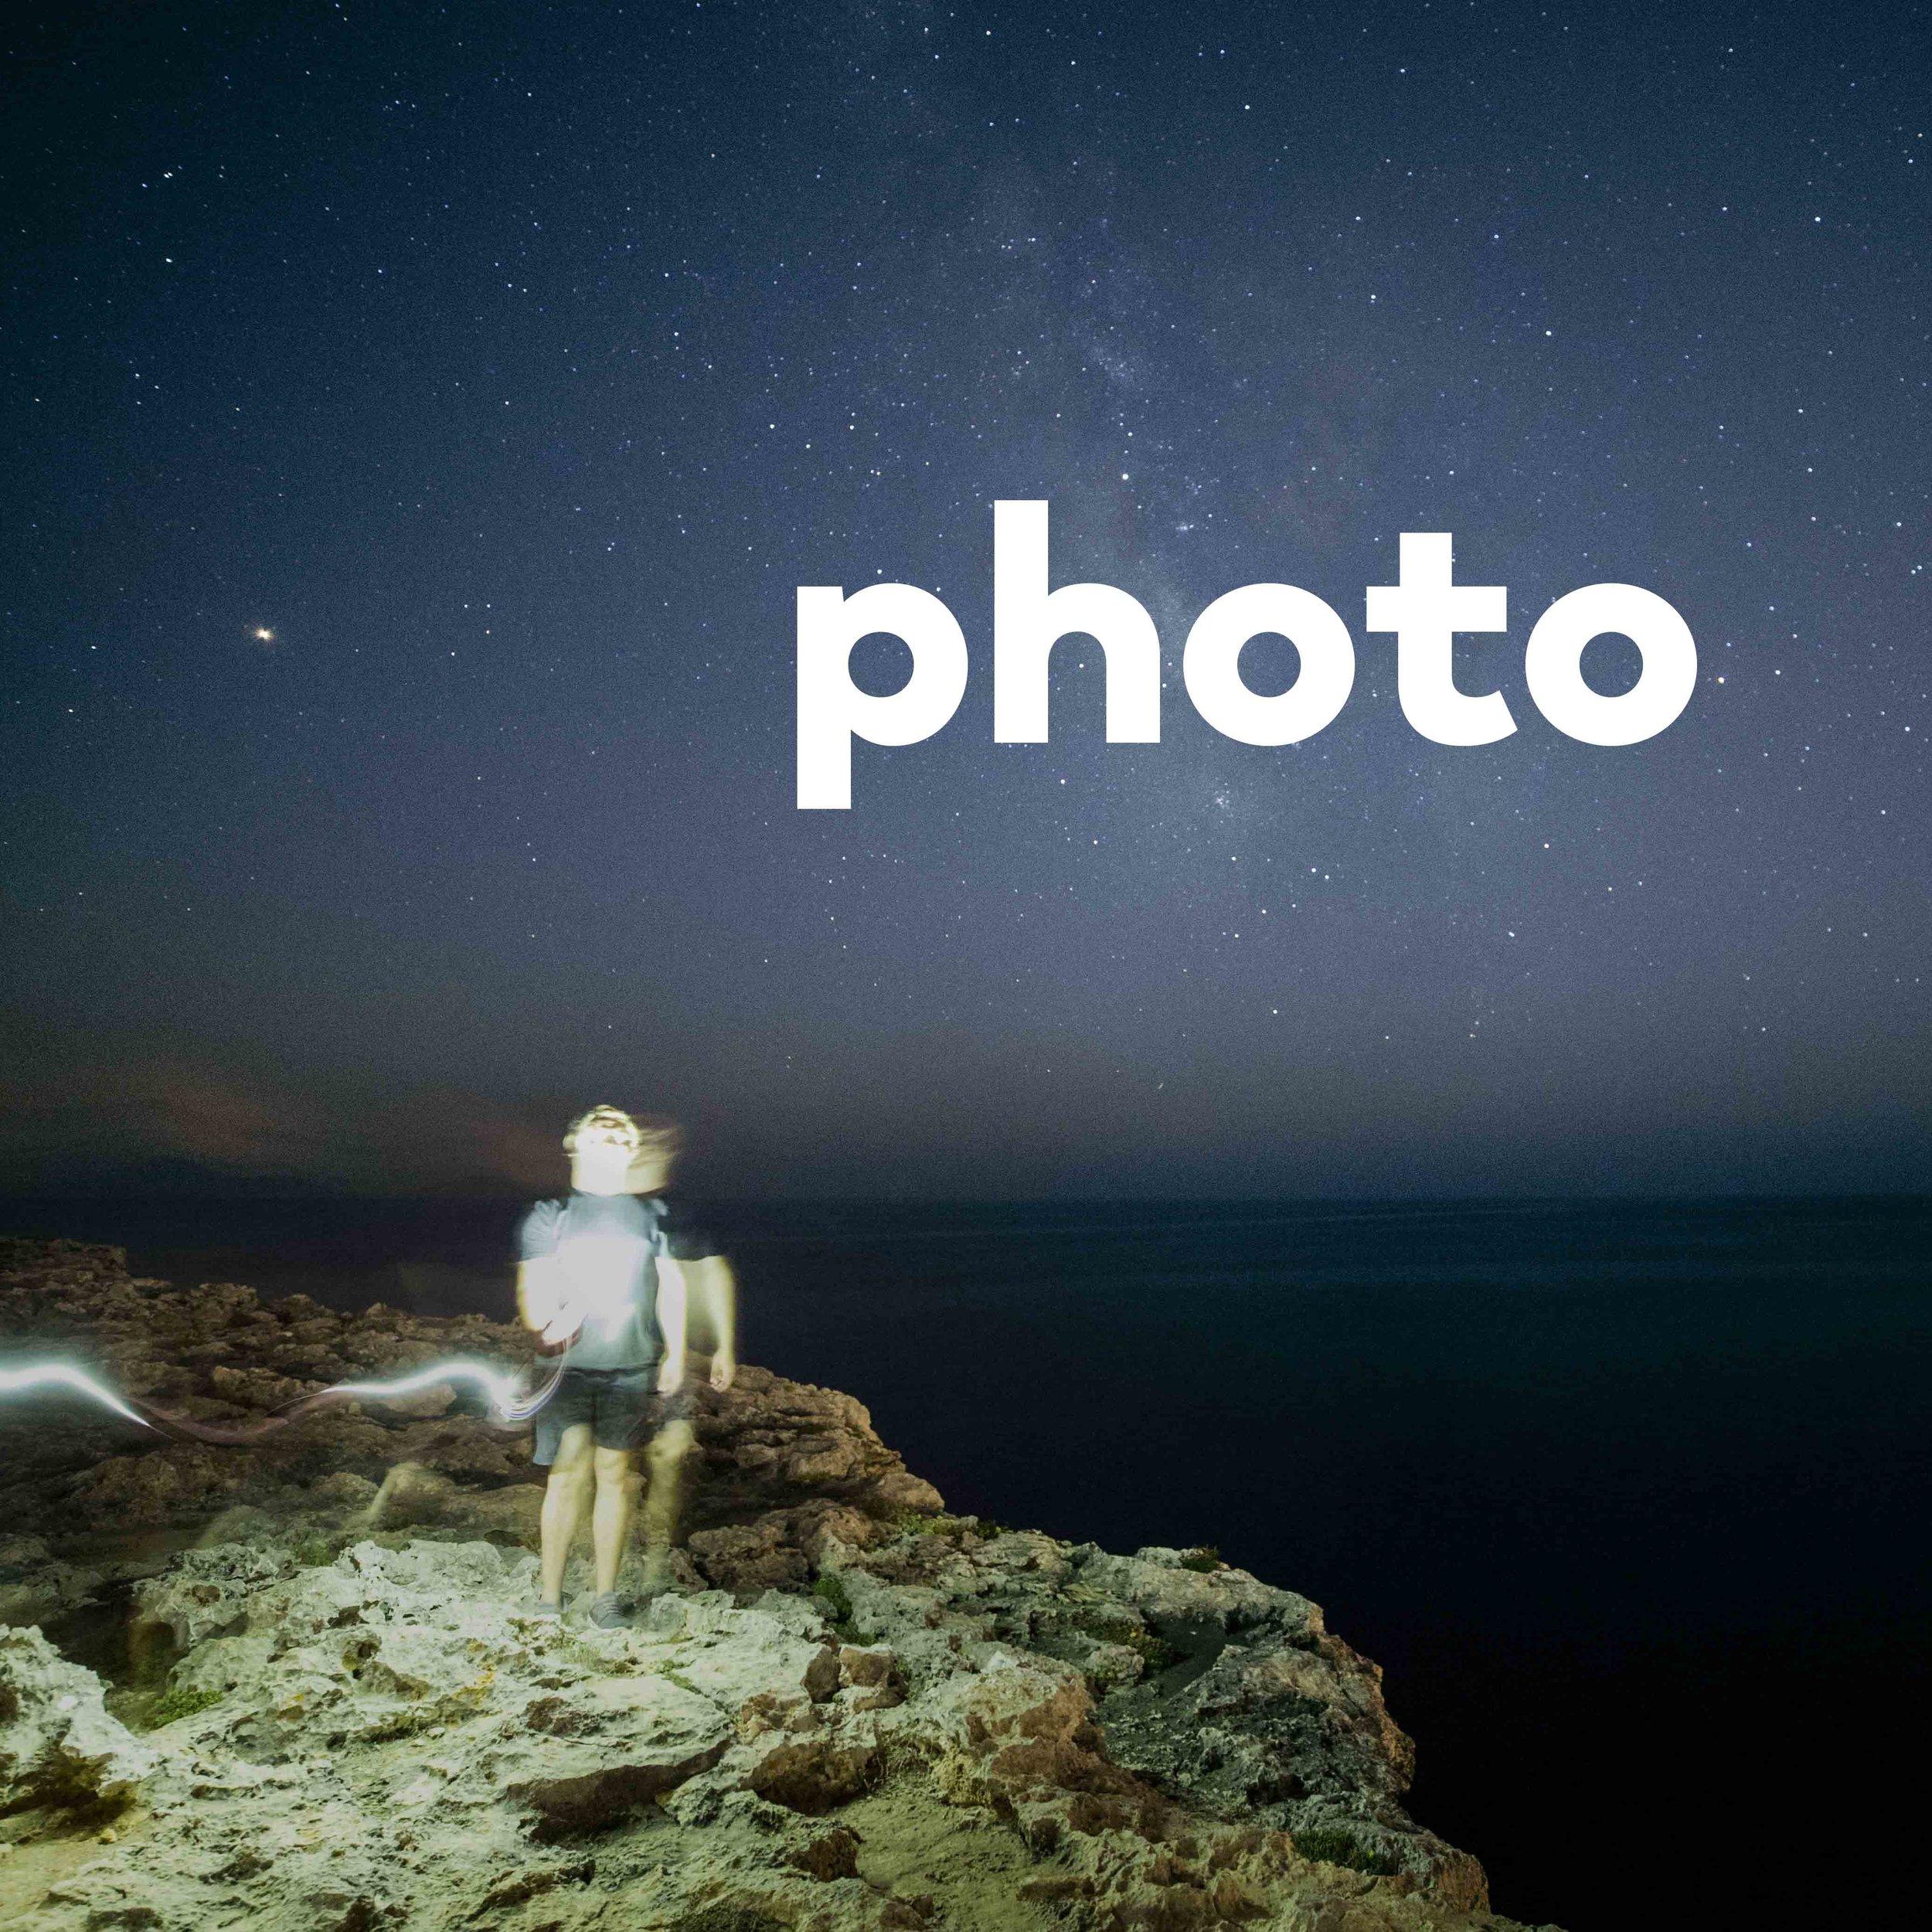 photoimg.jpg